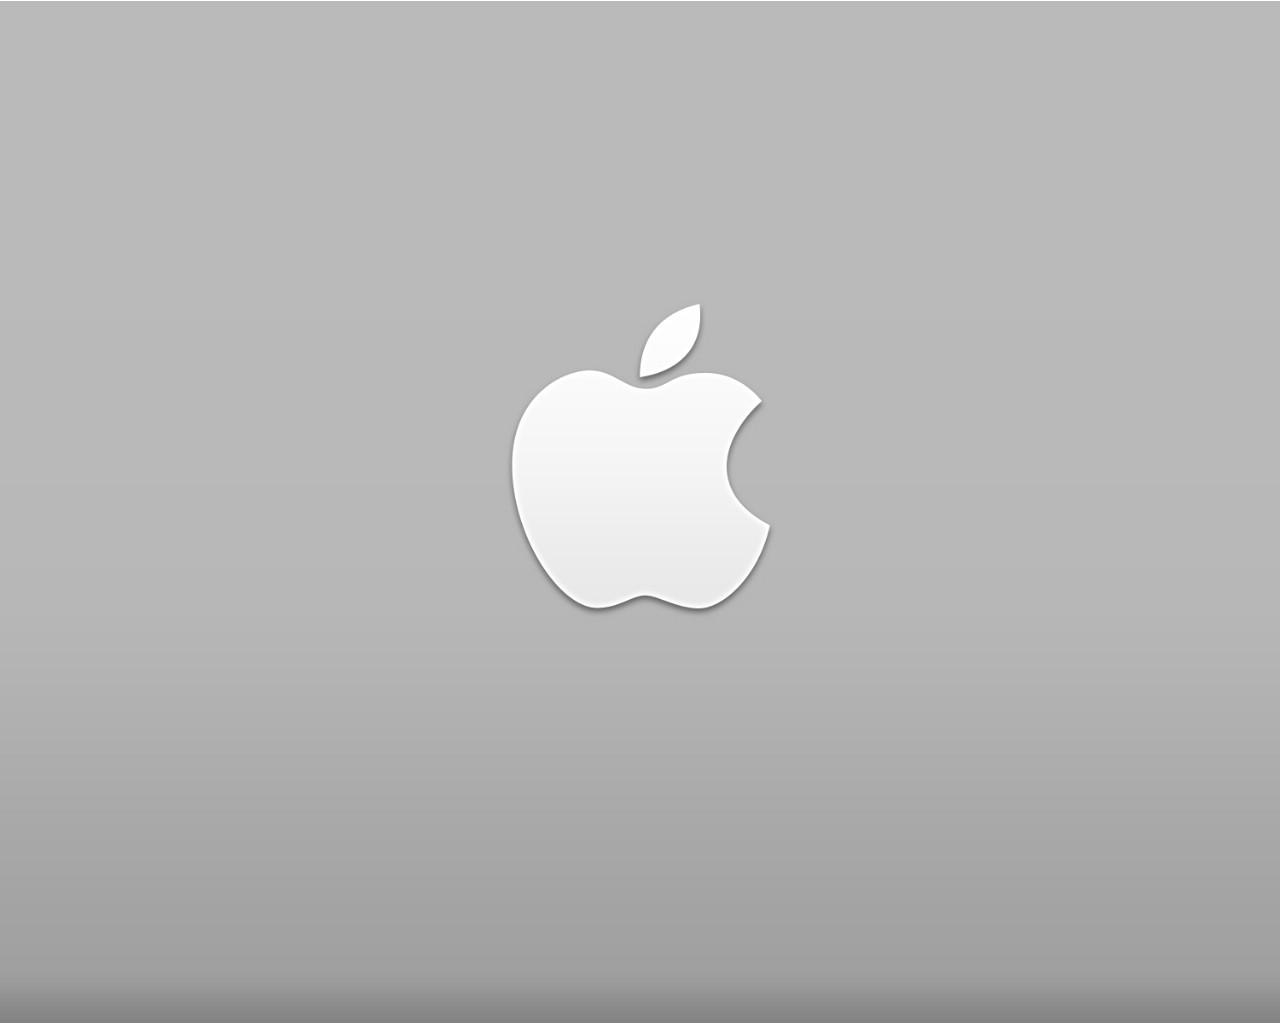 苹果的壁纸_苹果6s动态壁纸_苹果手机锁屏壁纸_苹果6s